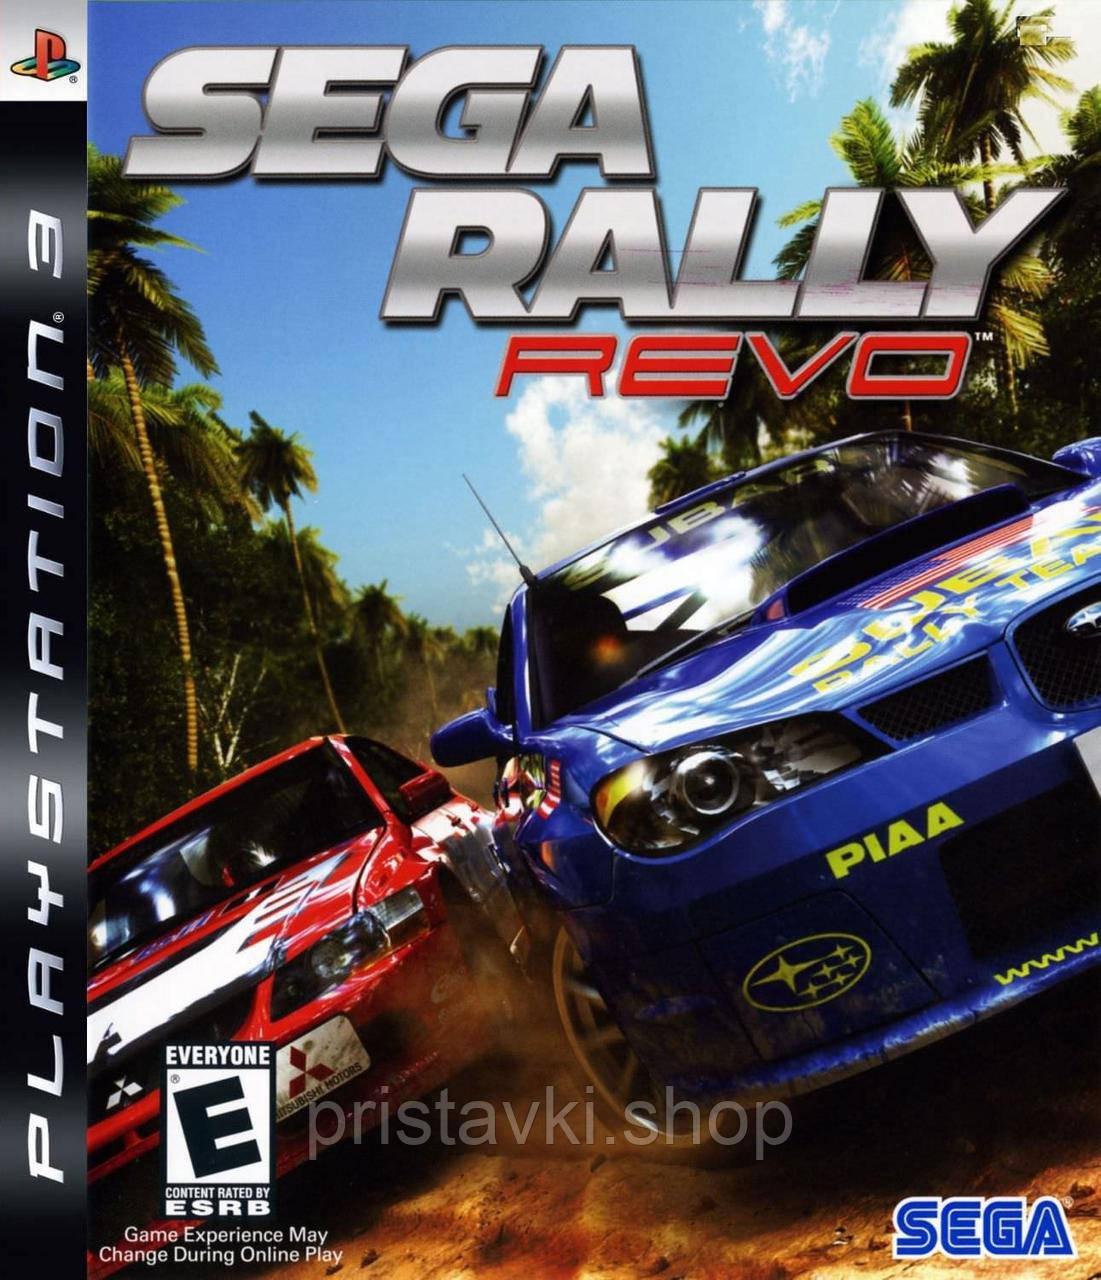 Sega Rally Revo PS3